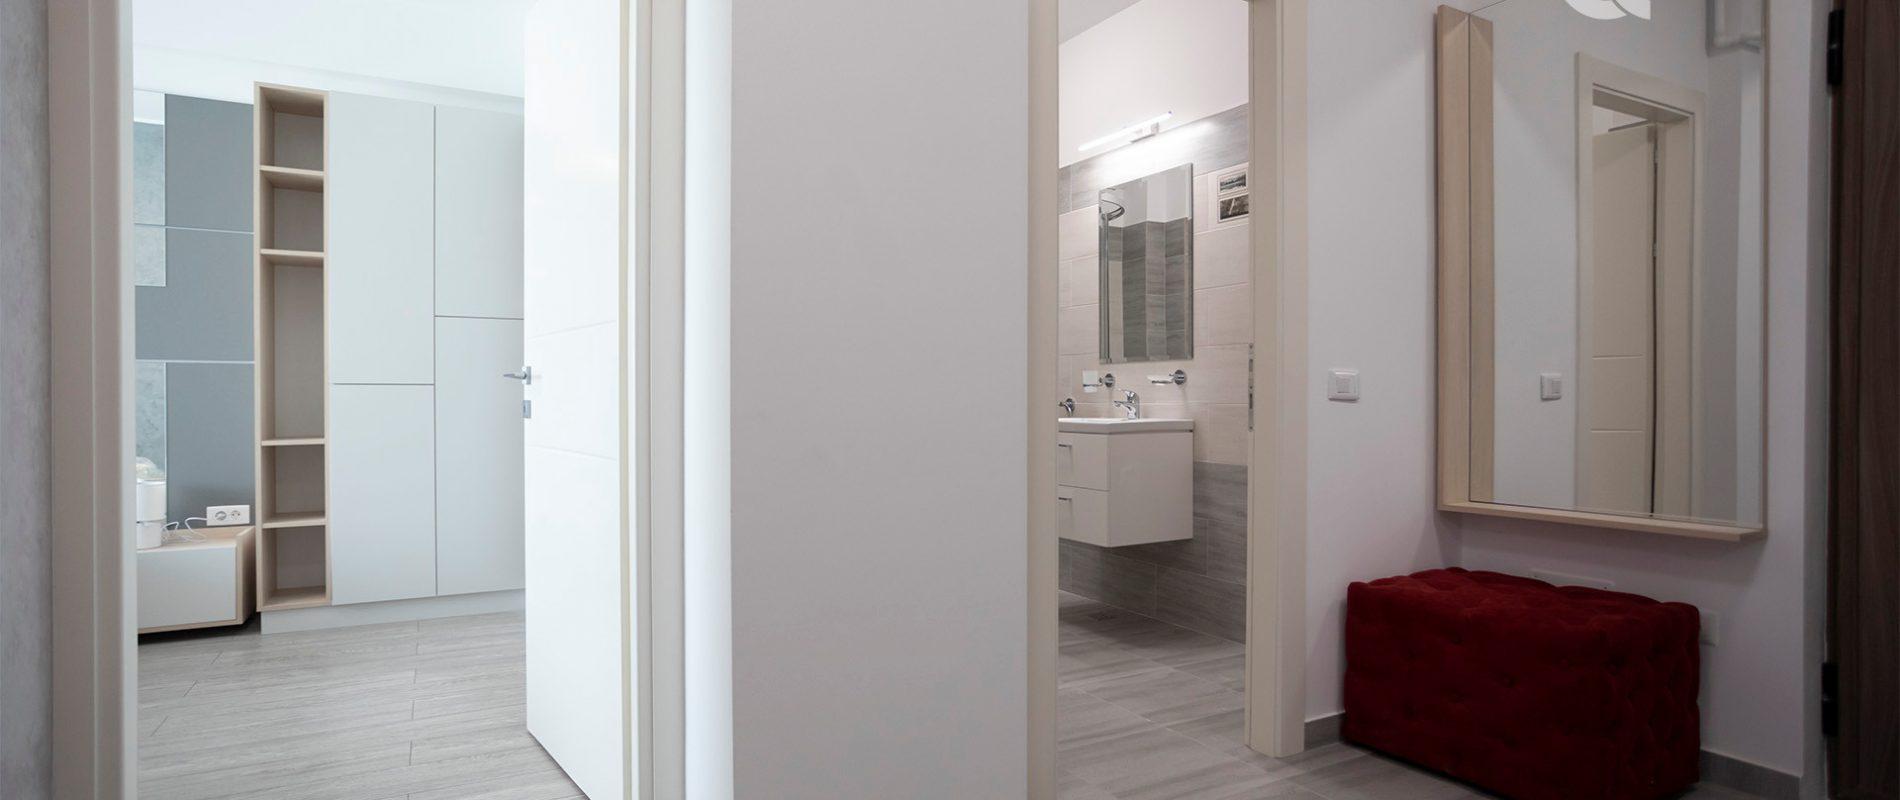 q-residence.ro-apartament-cu-doua-camere-hol-03